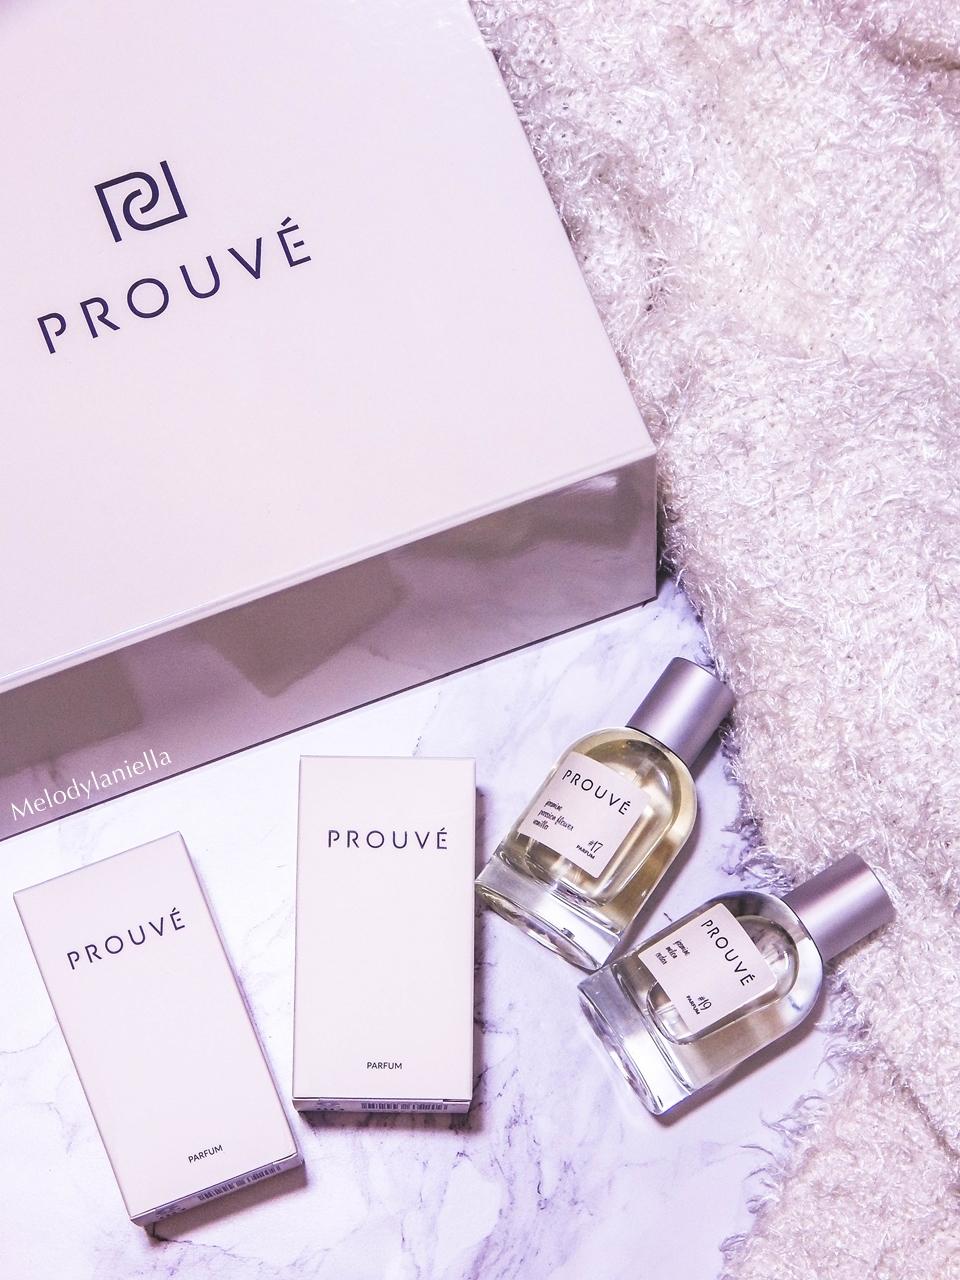 2 jak odebrac idealne perfumy perfumy na prezent duży wybór zapachów jak wybrać zapach perfum prouve perfumy polskie perfumowane kosmetyki do wnętrz jak utrzymać piękny zapach w domu